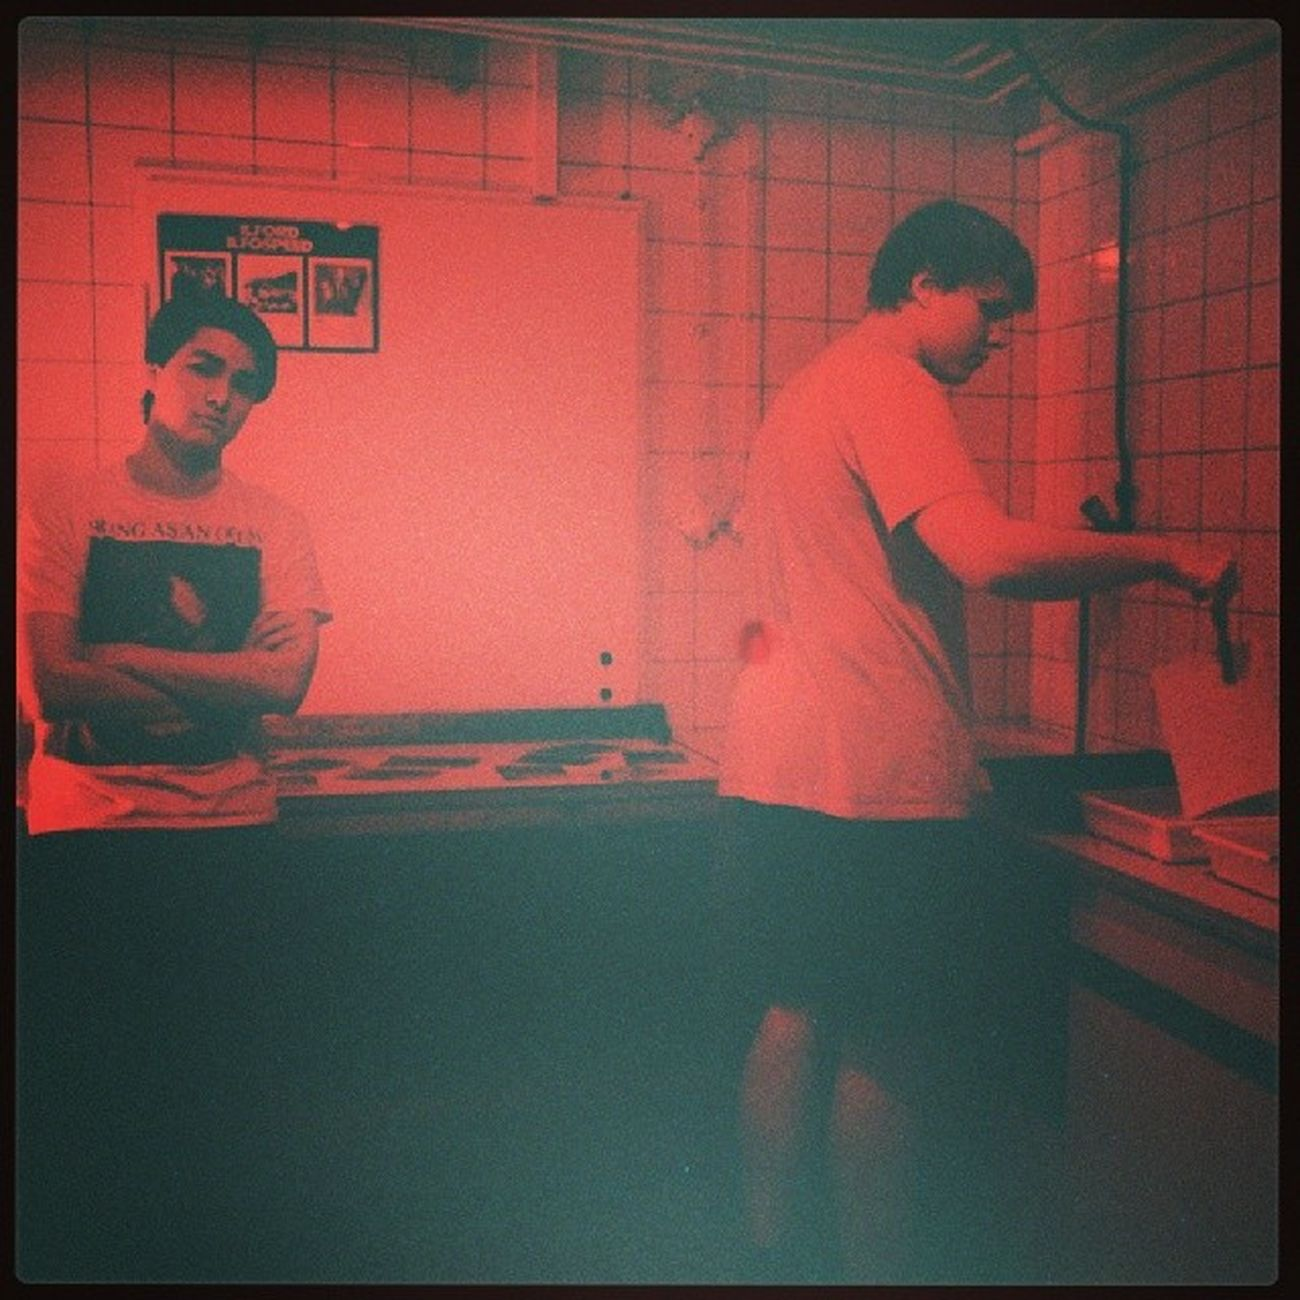 Franco und ich am Fotos Entwickeln in der JuBi